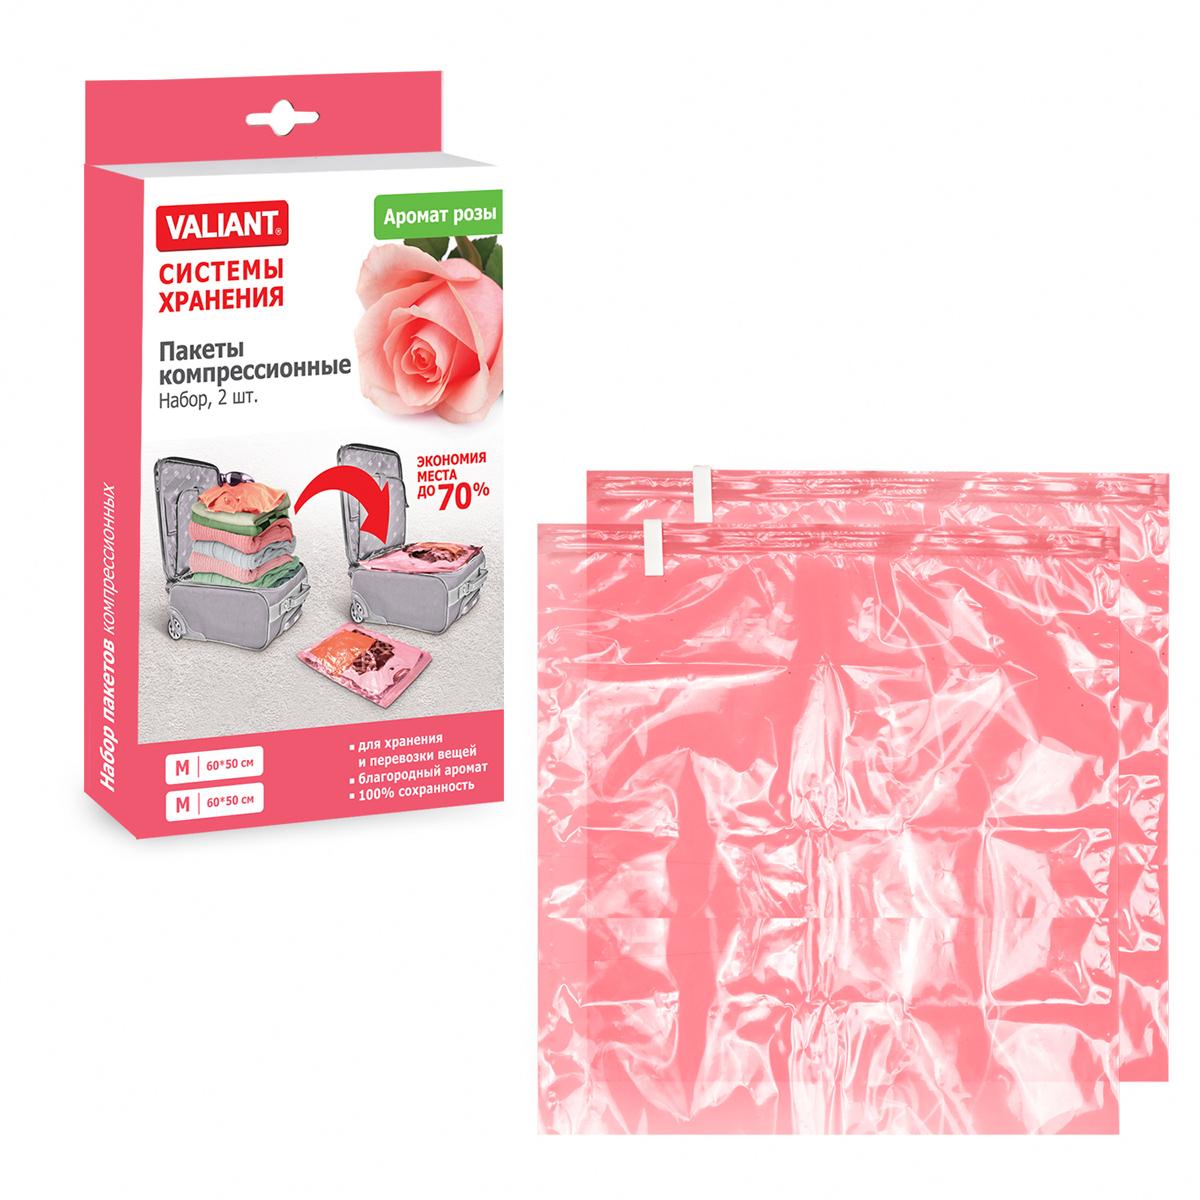 Пакеты компрессионные Valiant, с ароматом розы, цвет: красный, 60 х 50 см, 2 штRMS65Компрессионные пакеты Valiant - рациональный подход к компактному хранению и перевозке вещей. Вы существенно сэкономите место на полке в шкафу или в чемодане. Вещи сжимаются в объеме на 70%, полностью сохраняя свое качество. Благодаря этому вы сможете сложить в чемодан или сумку больше вещей и перевезти их аккуратно и надежно. Пакеты также защищают вещи от любых повреждений - влаги, пыли, пятен, плесени, моли и других насекомых, а также от обесцвечивания, запахов и бактерий. Закрываются на замок zip-lock. Универсальны, для их использования не нужен пылесос. Чтобы выпустить воздух из пакета, достаточно просто его скатать. Пакеты ароматизированы. В пакете с благородным ароматом розы ваши вещи будут приятно пахнуть даже после длительного хранения. Не использовать для продуктов, изделий из меха и кожи, острых, грязных, сырых вещей.